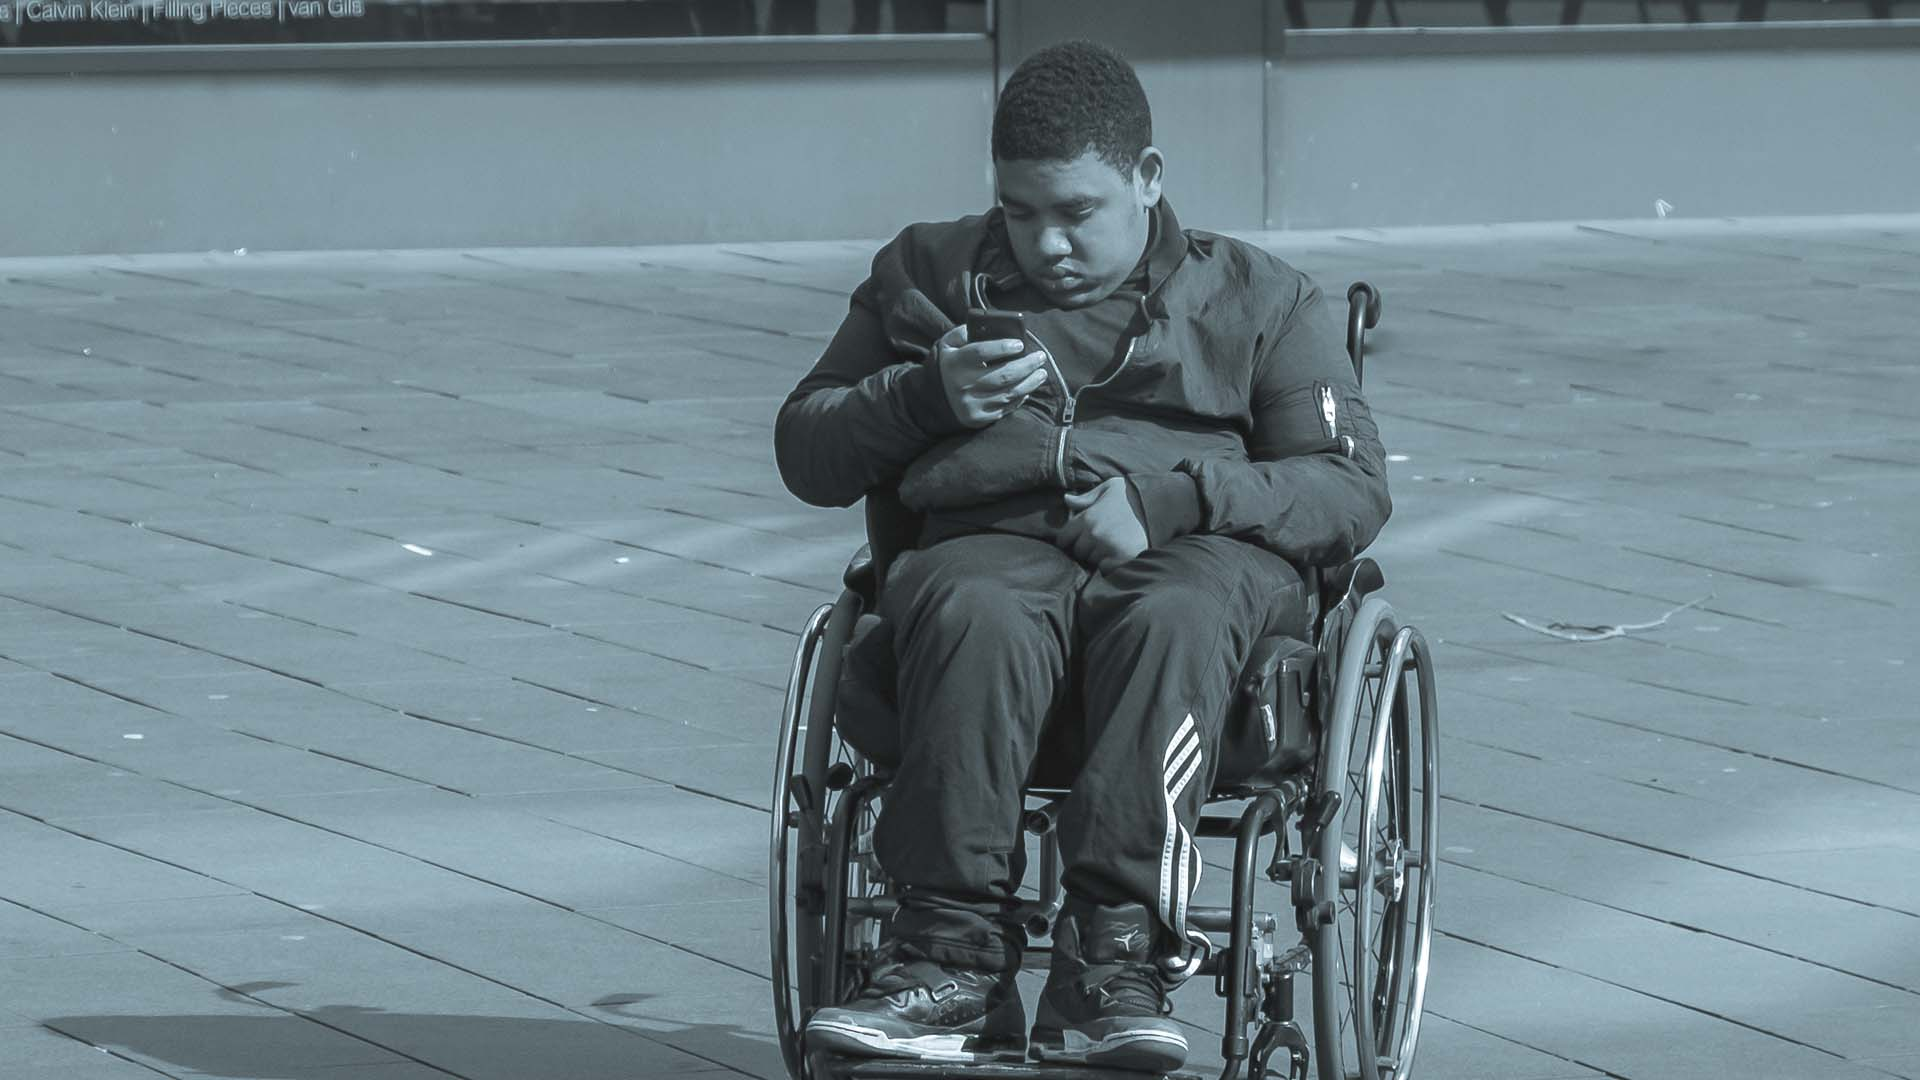 Disabilità, malattie, sparizioni, furti o pestaggi sono divenuti merce in mano a pagine social spietate